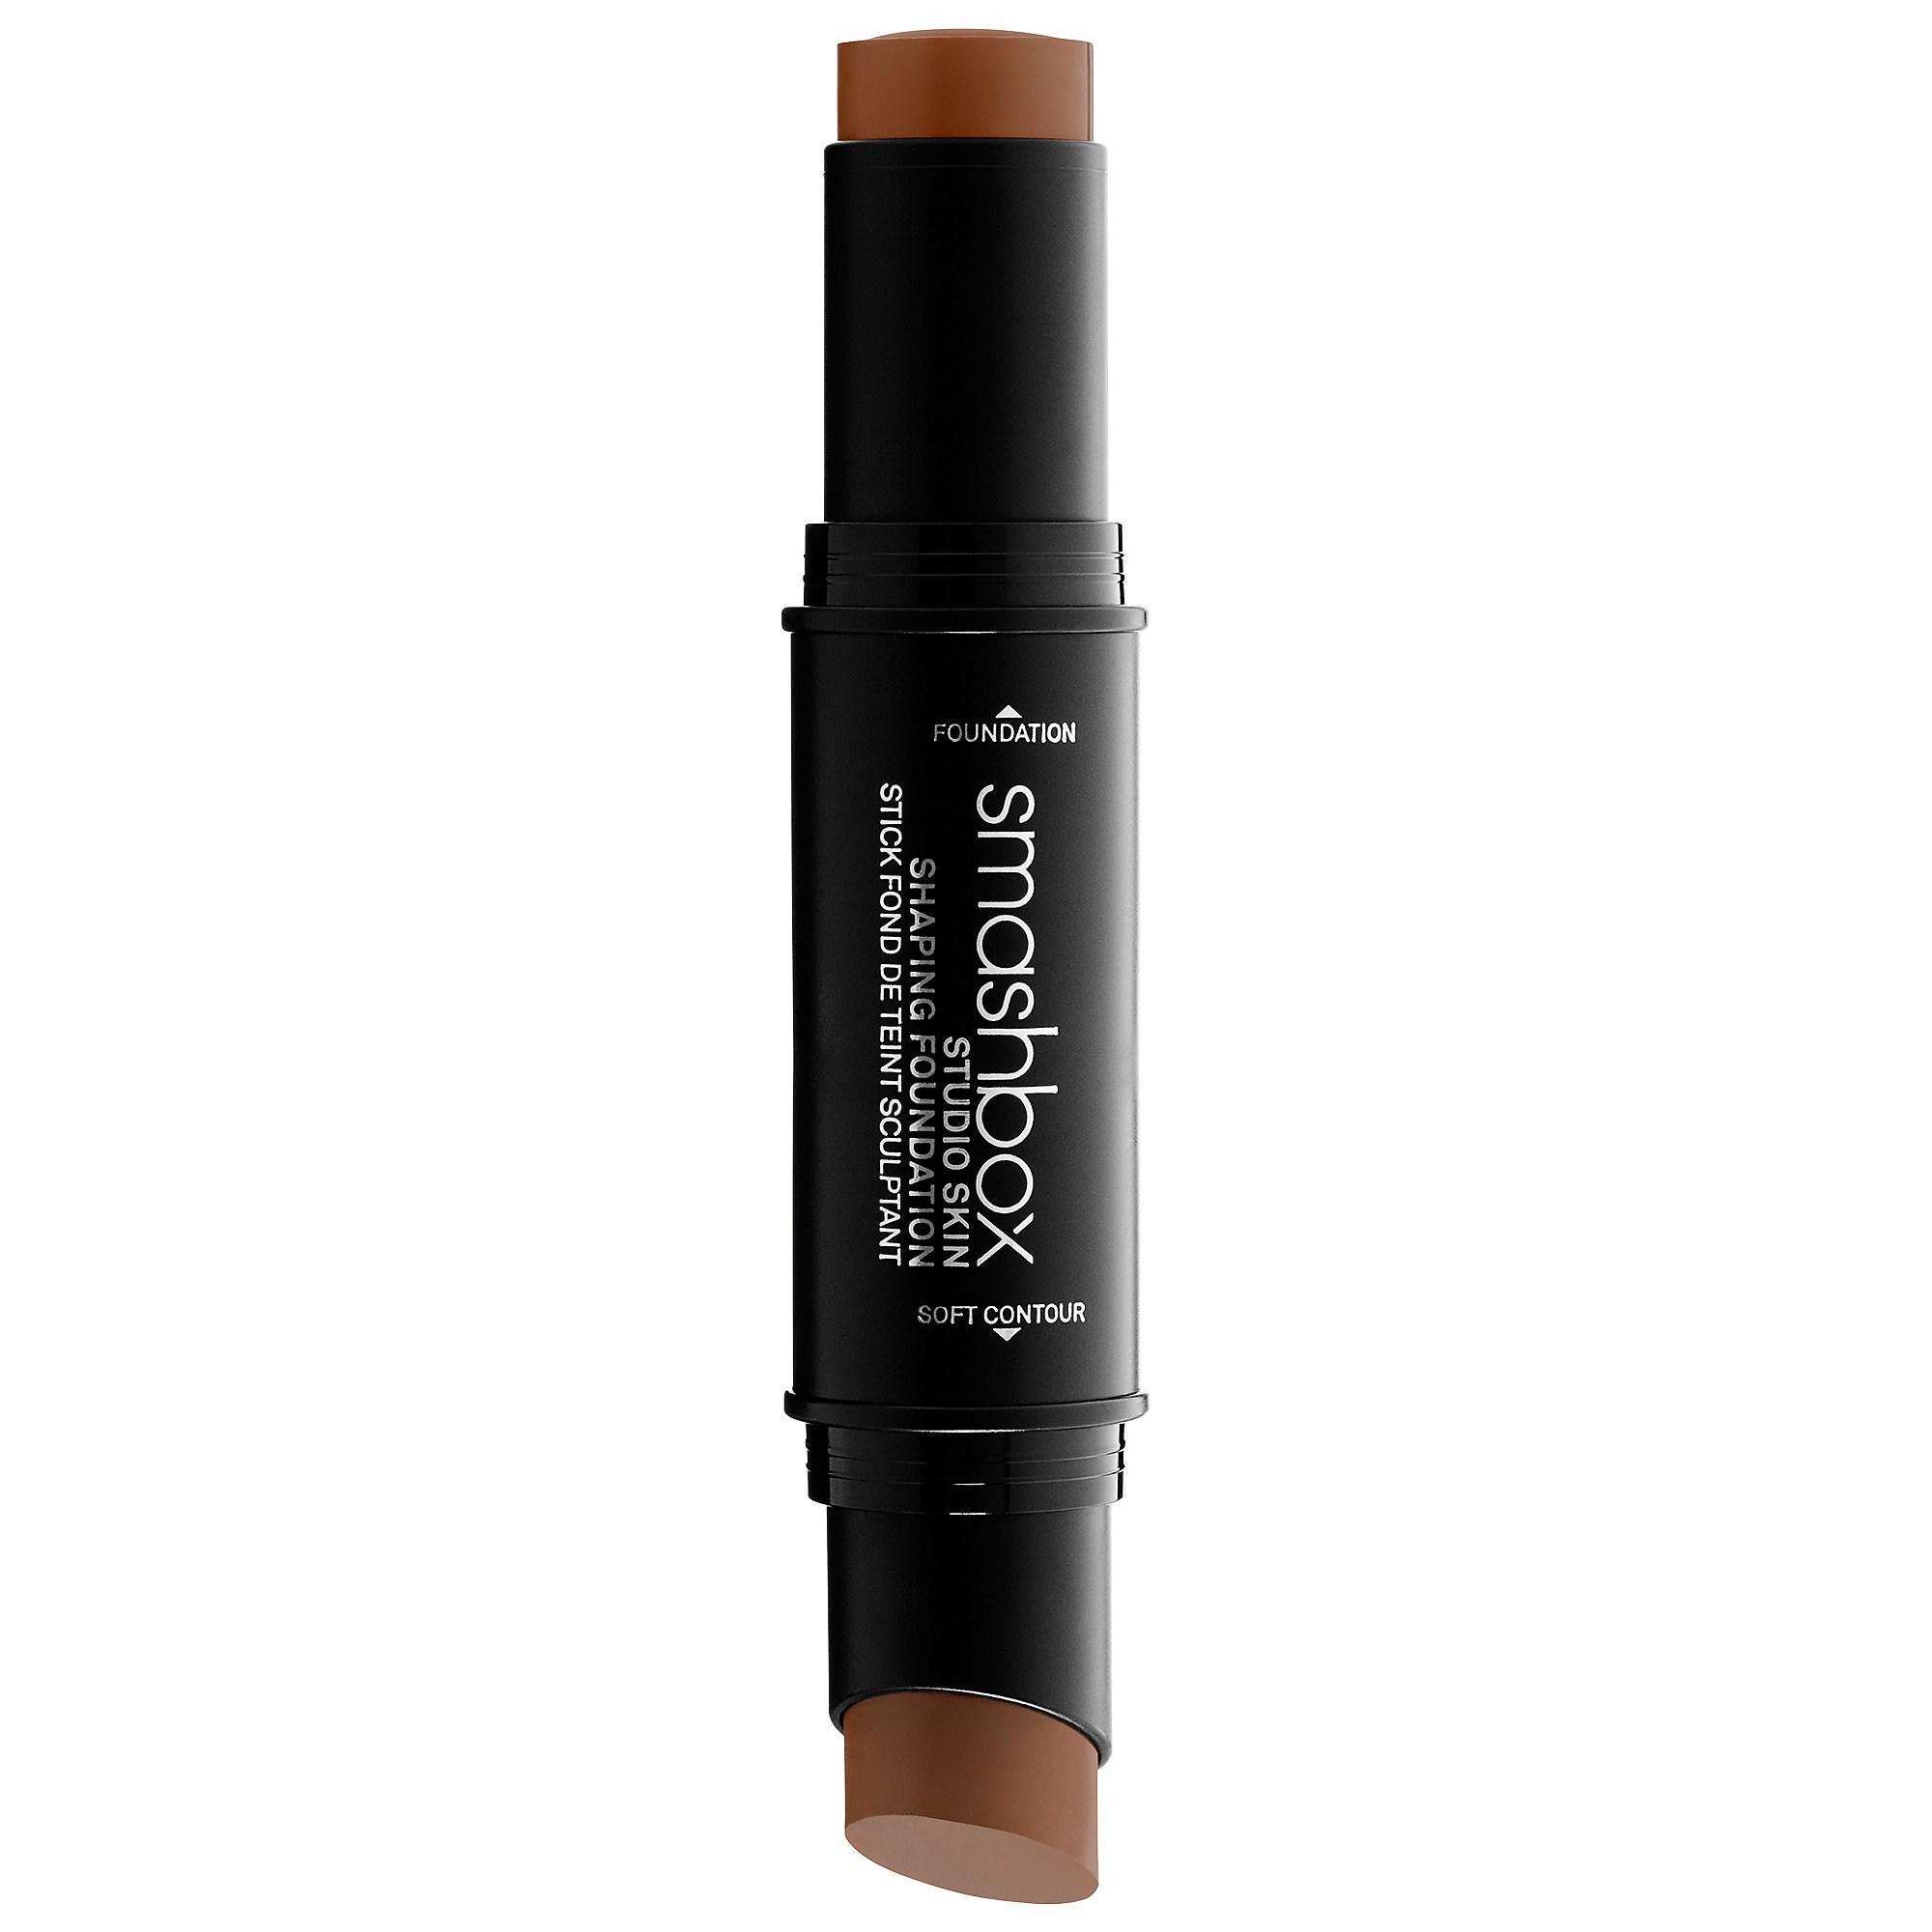 Smashbox Studio Skin Face Shaping Foundation Stick 4.3